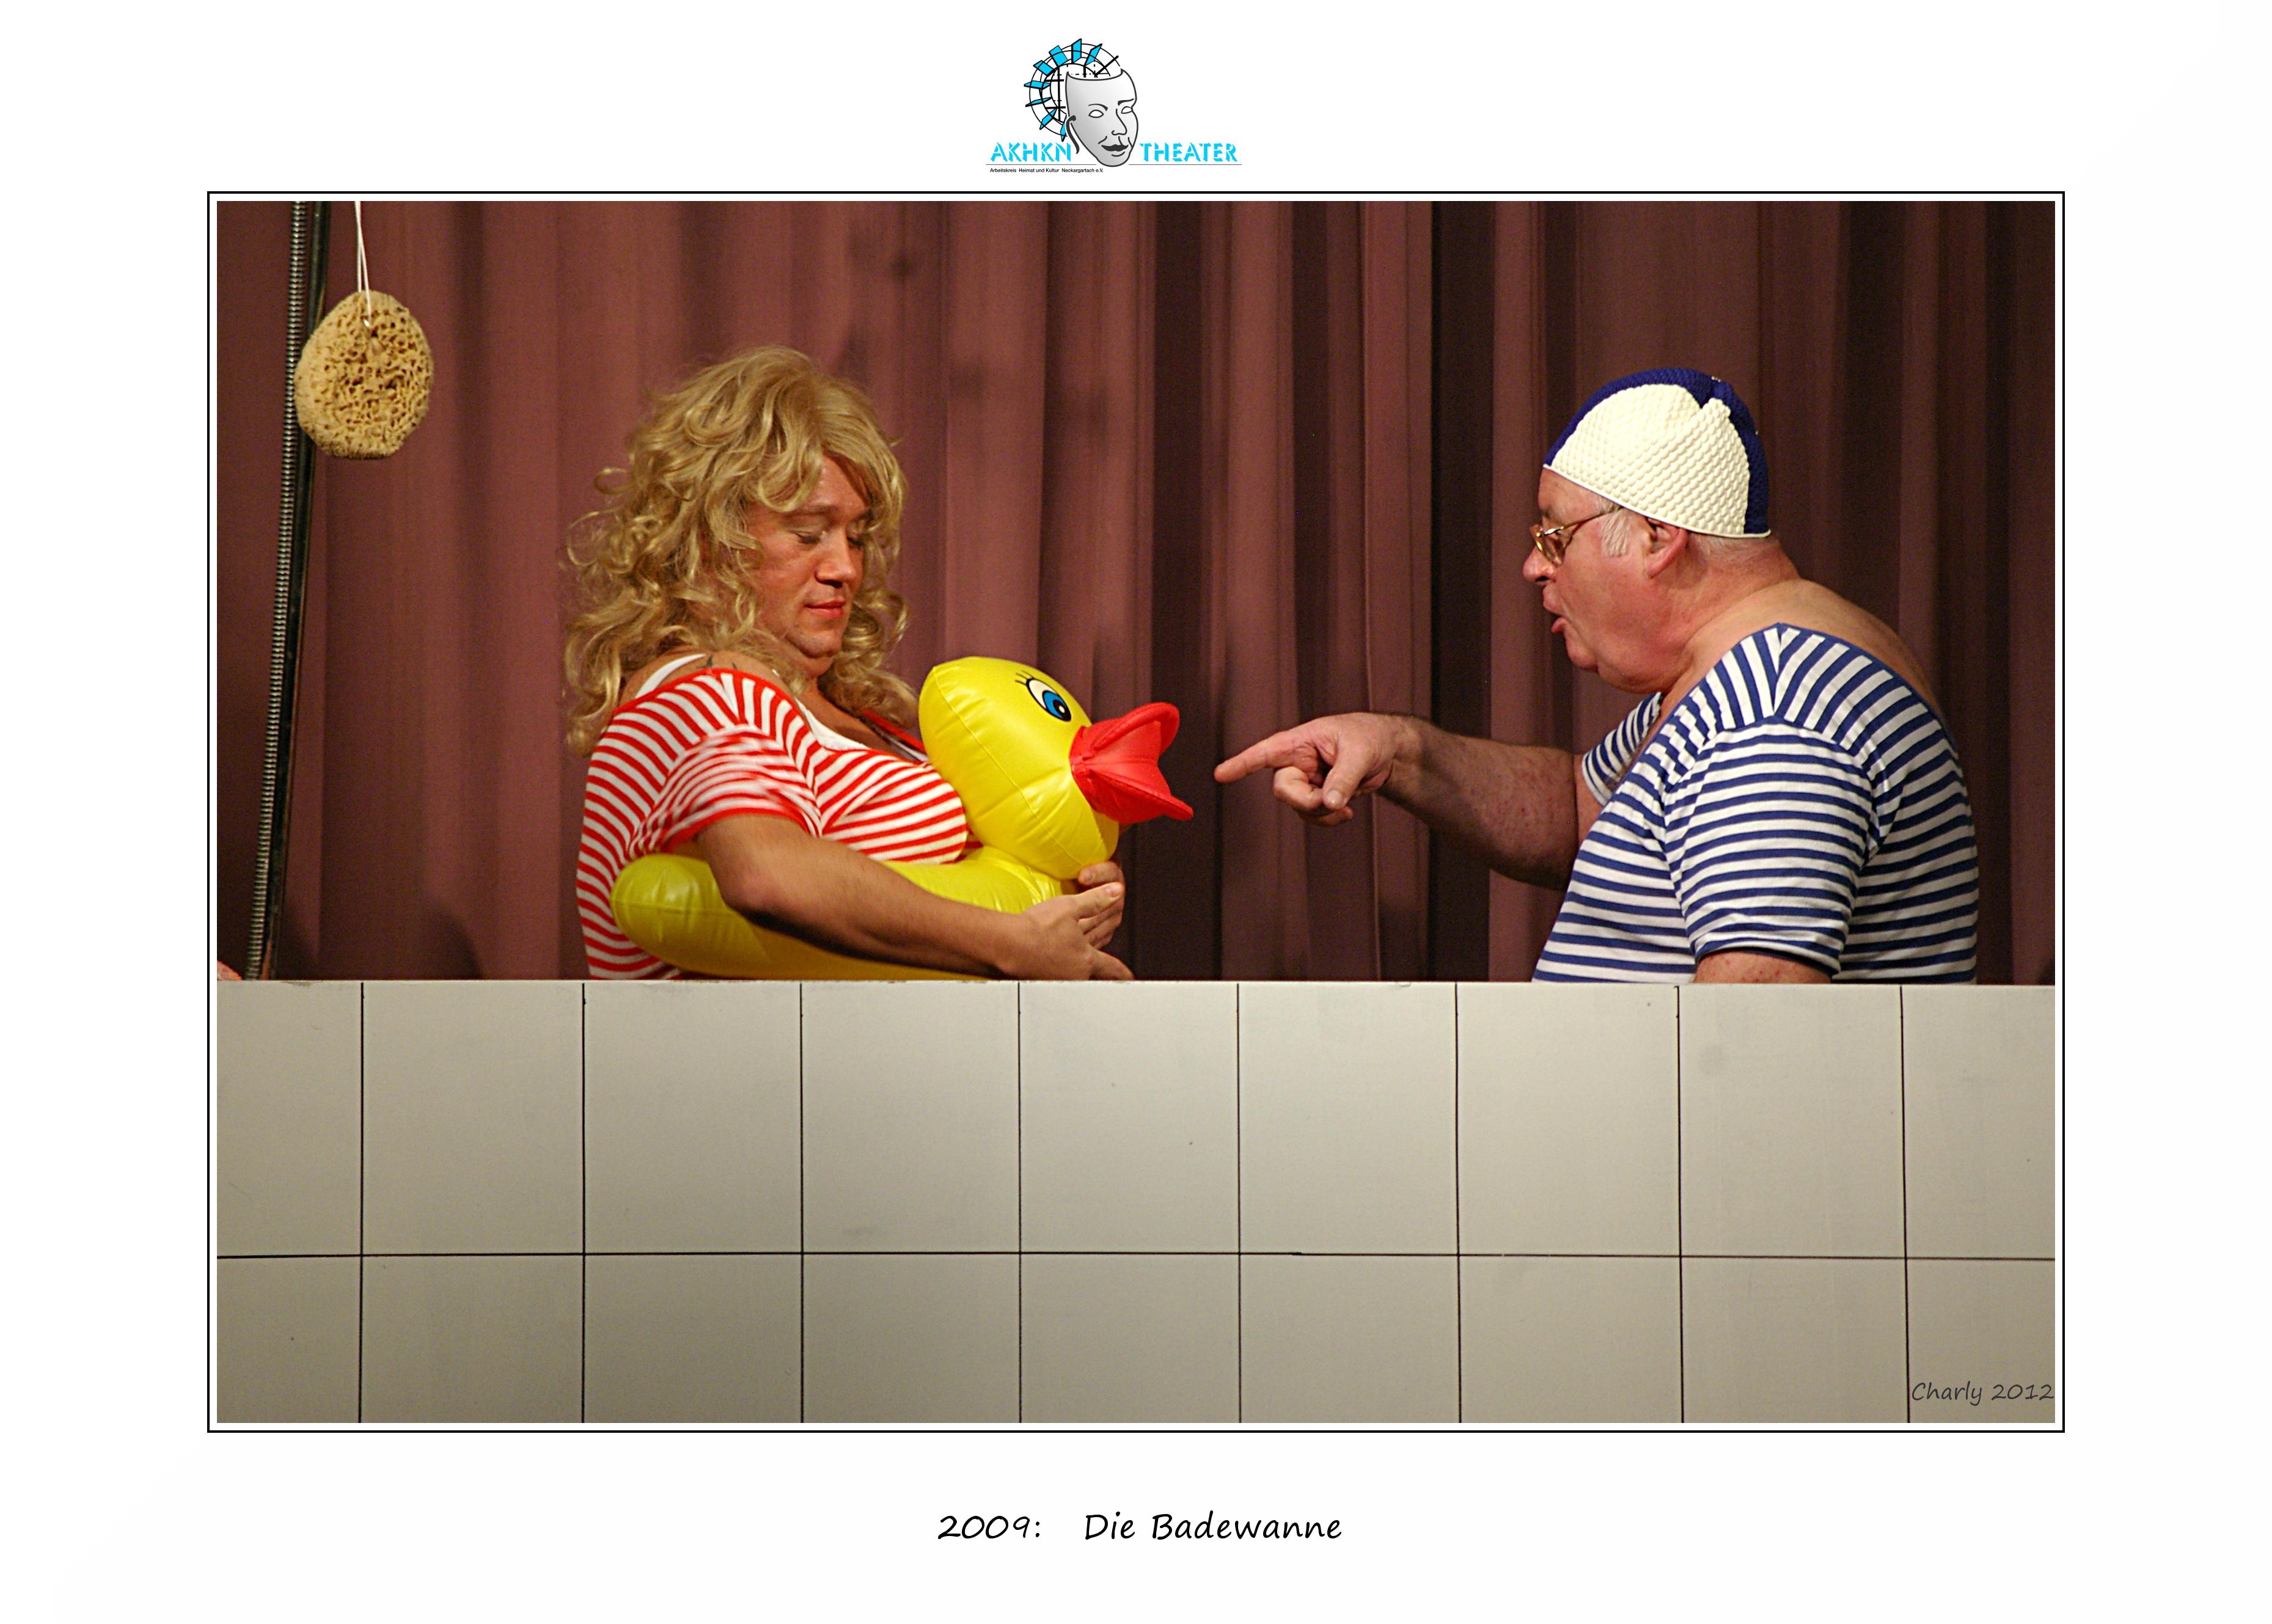 2009_Die Badewanne_IMGP6655-1